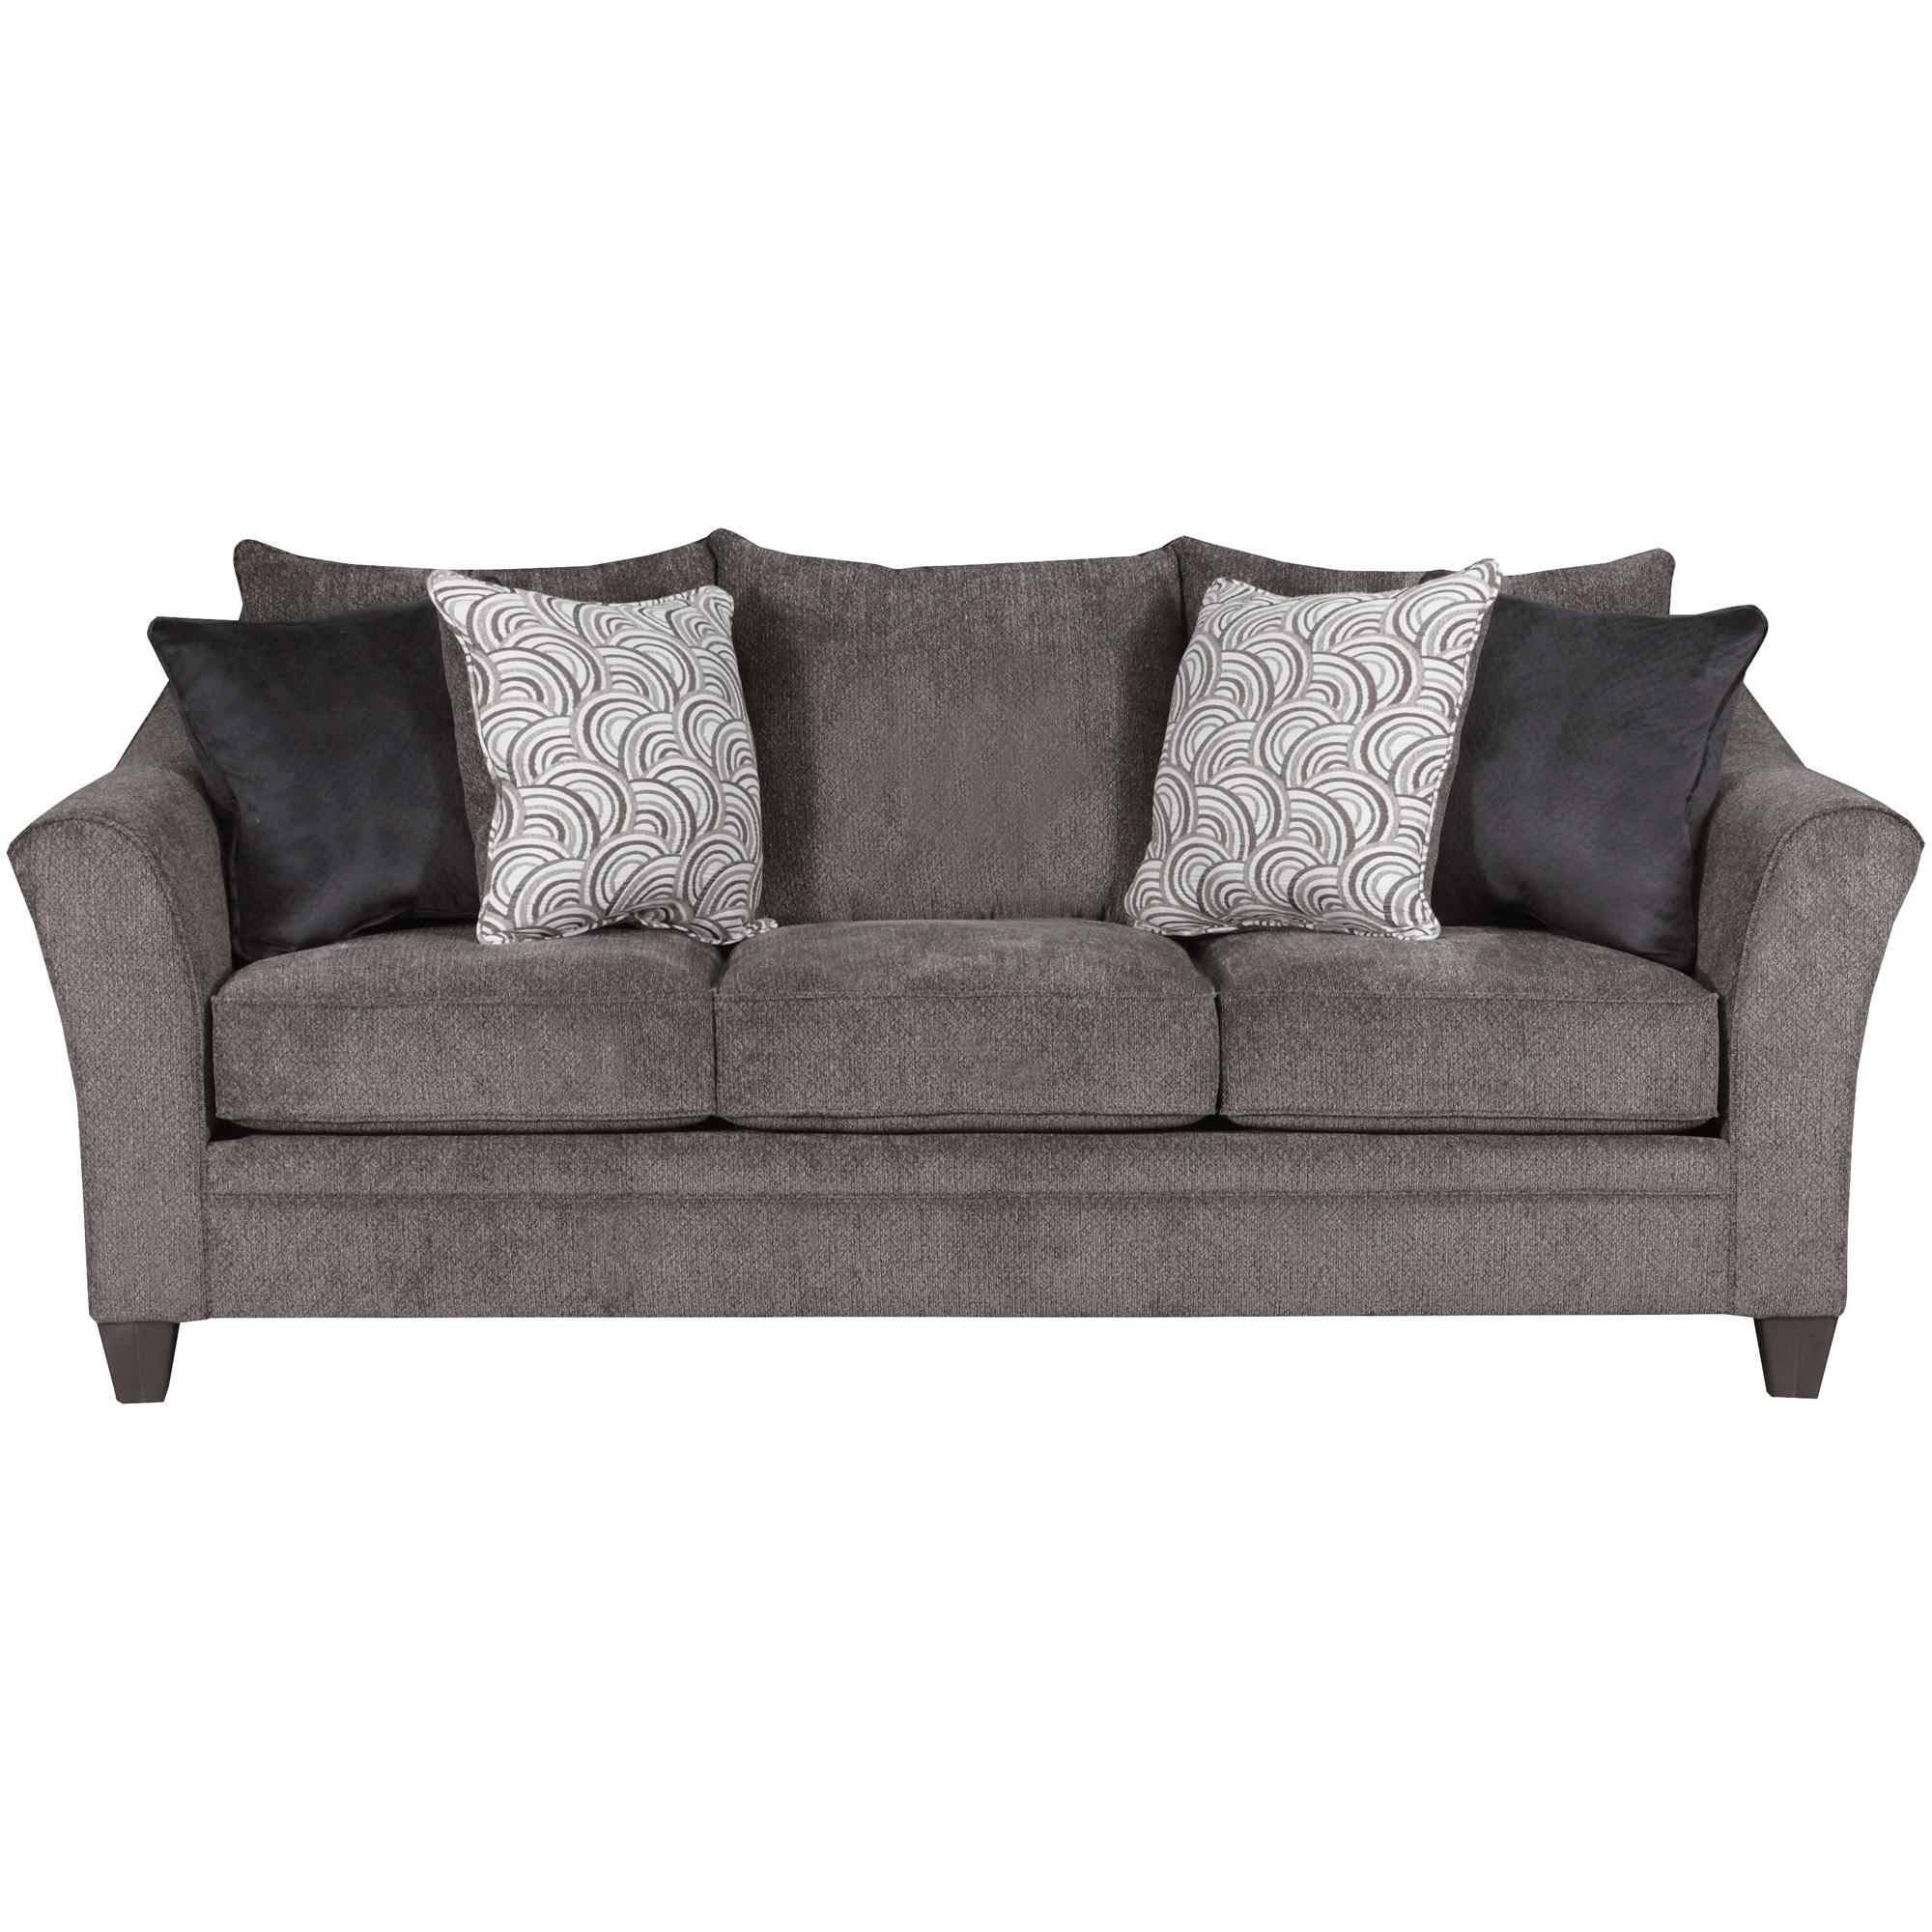 Lane Home Furnishings | Dash Pewter Sofa